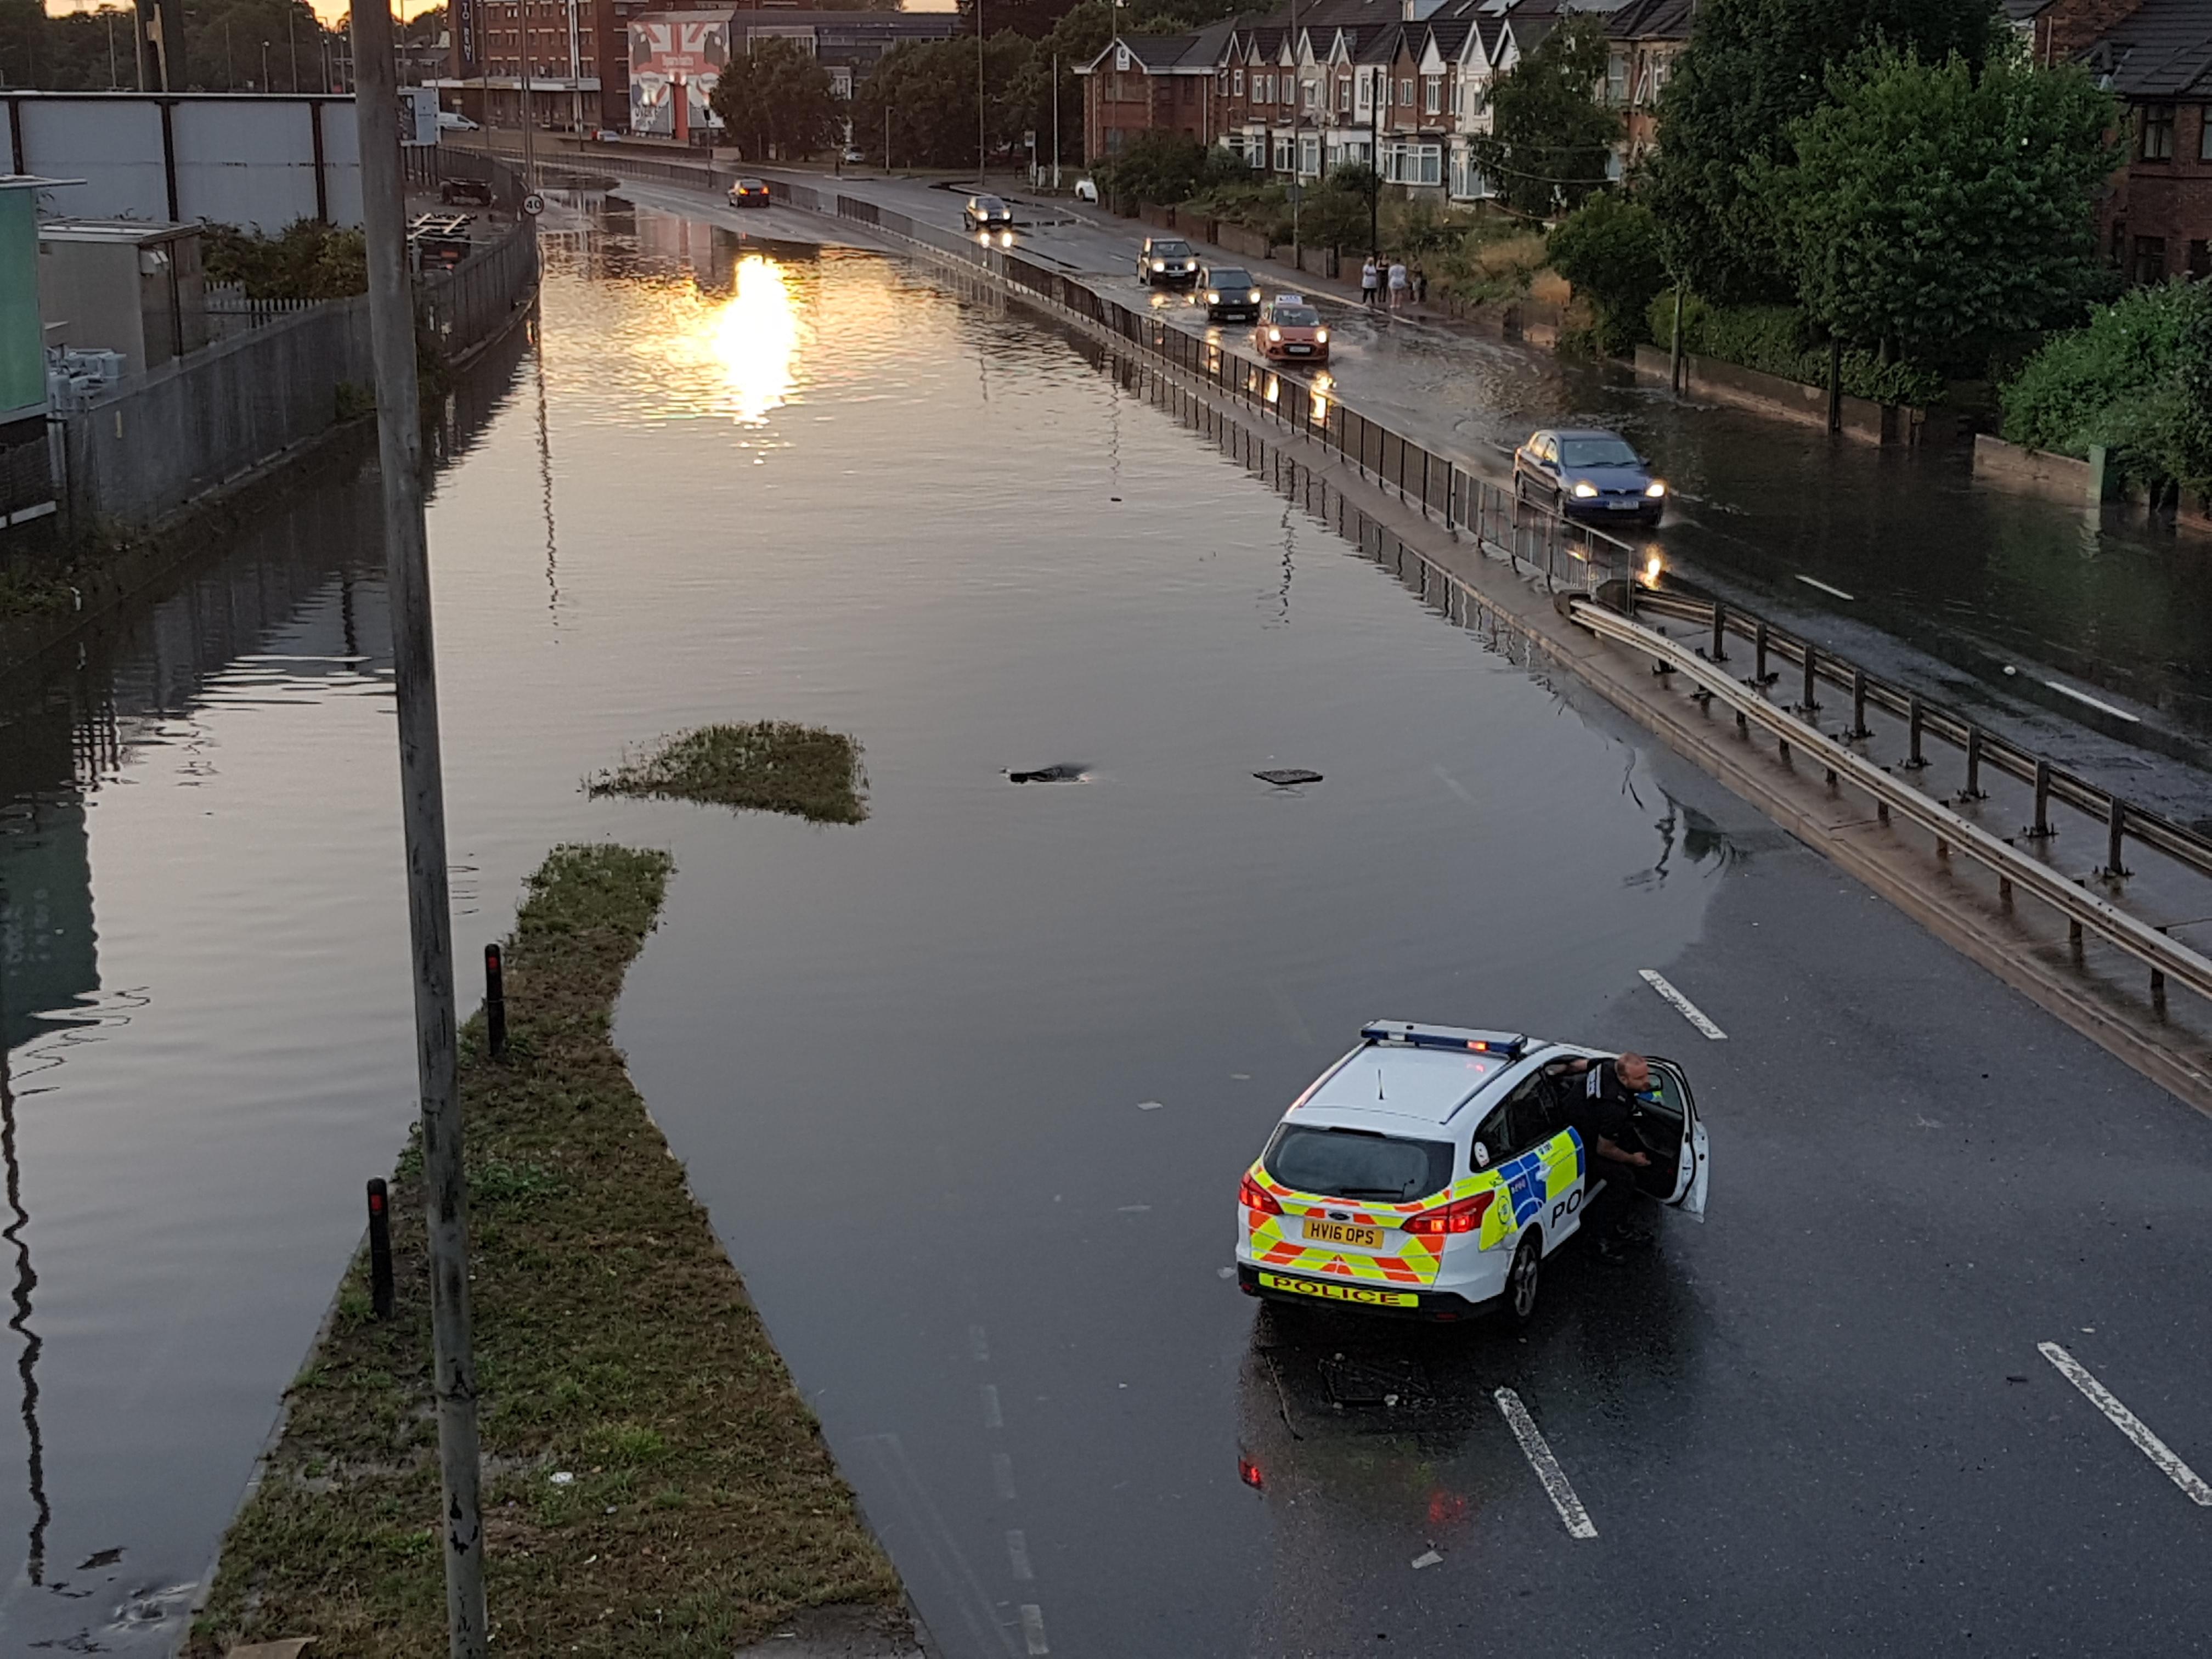 Millbrook Road Flooding